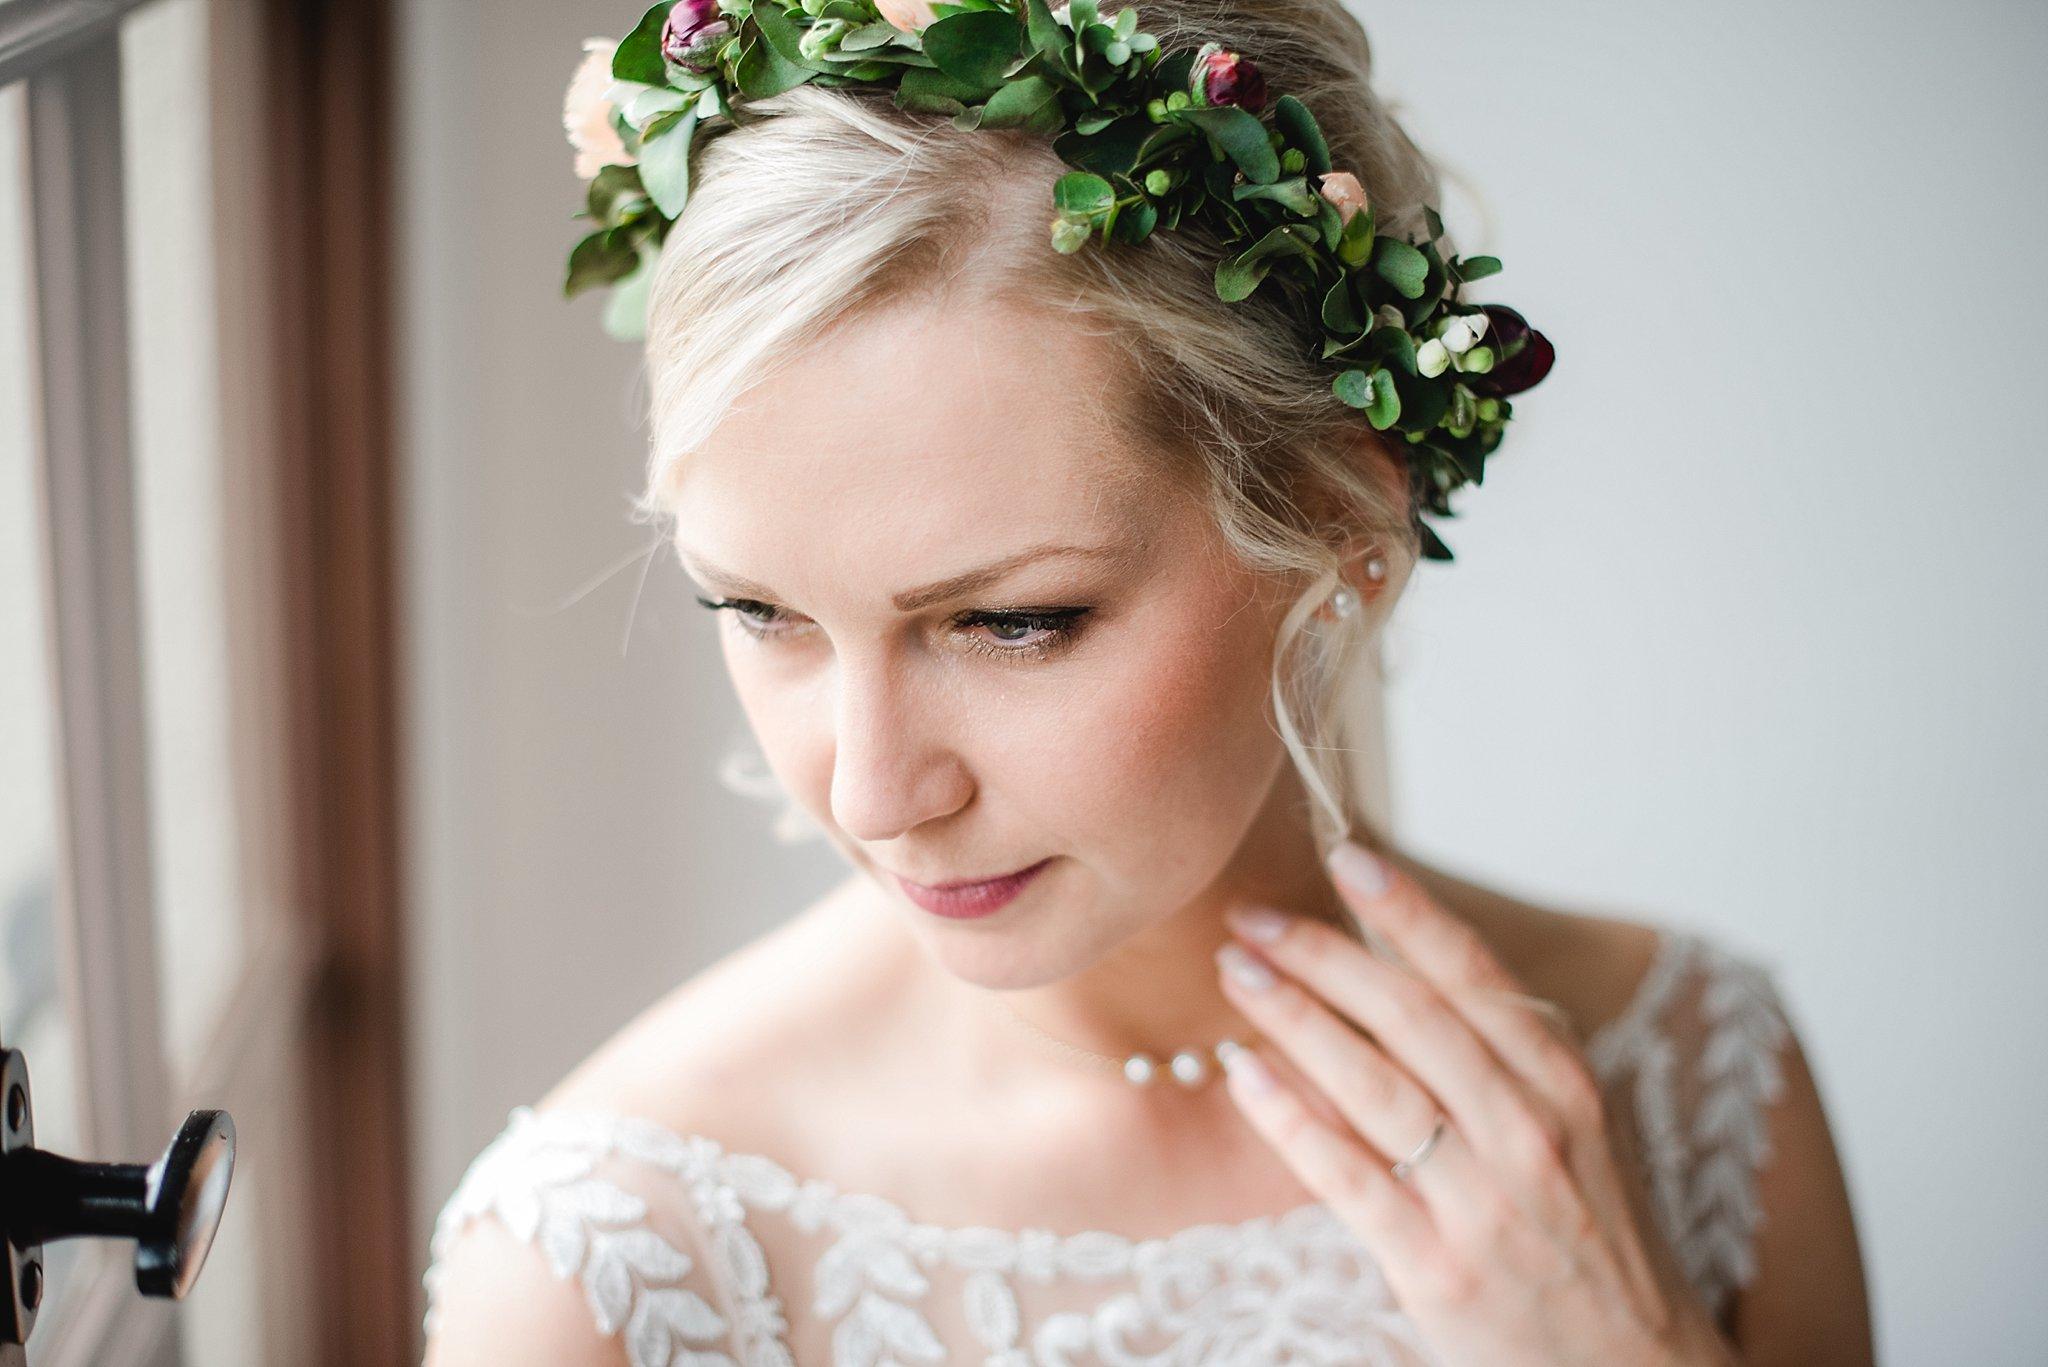 Hochzeit-von-Marina-Dominik-auf-Burg-Wernberg-und-Schloss-Friedrichsburg-00099